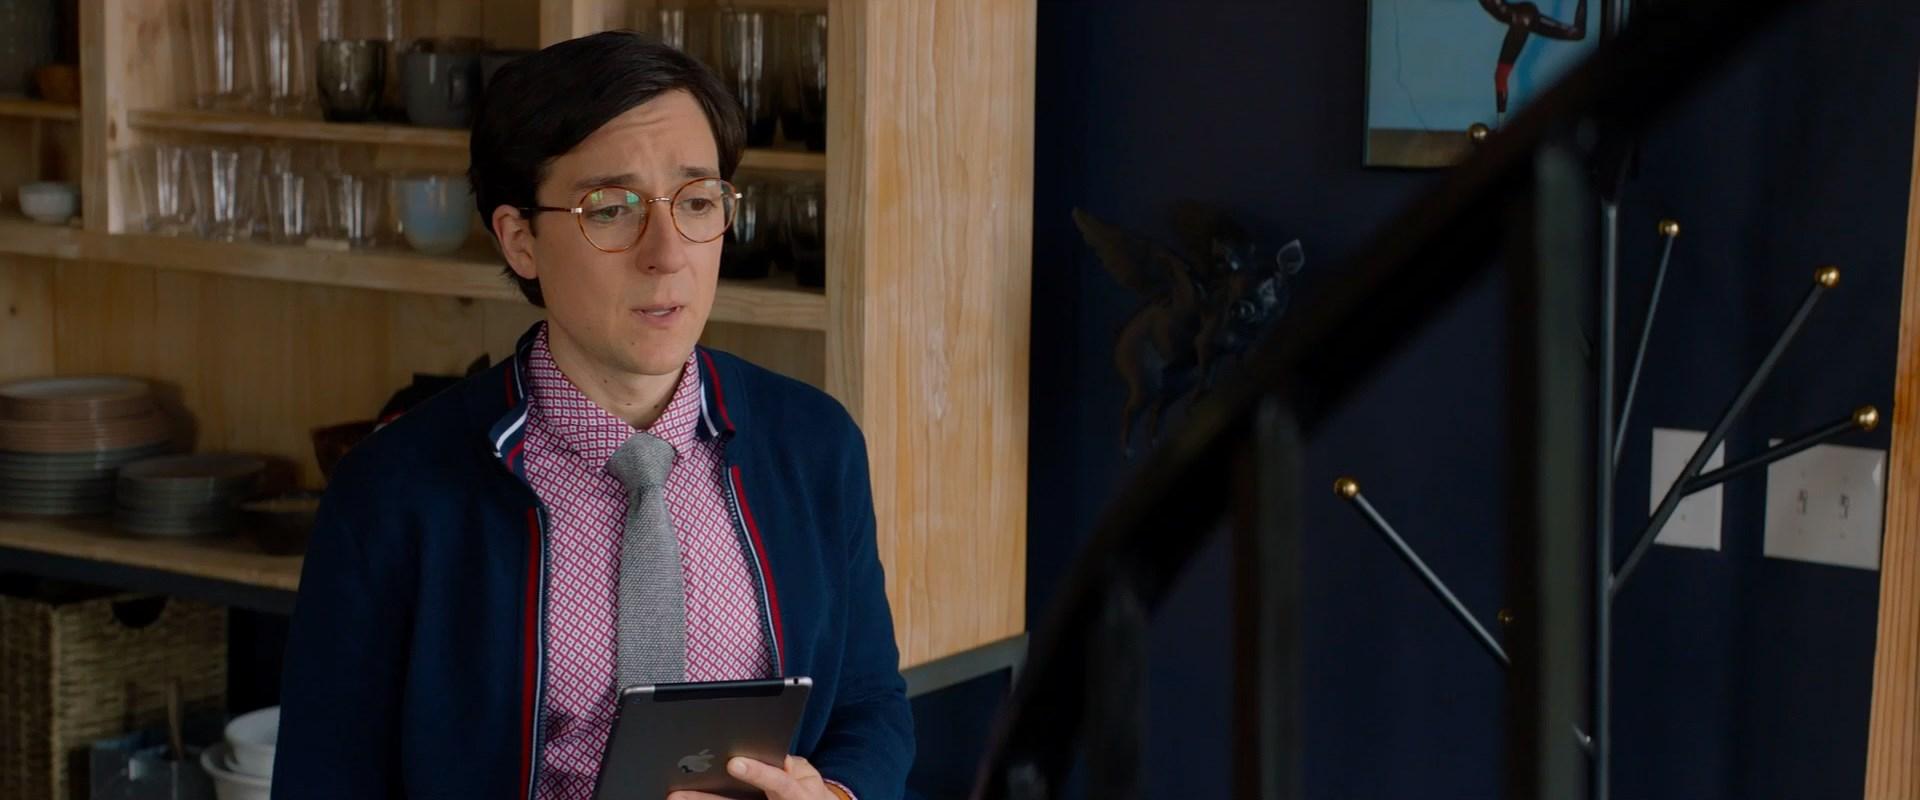 Erkekler Ne Ister - What Men Want 2019 Türkçe Dublaj HD İndir